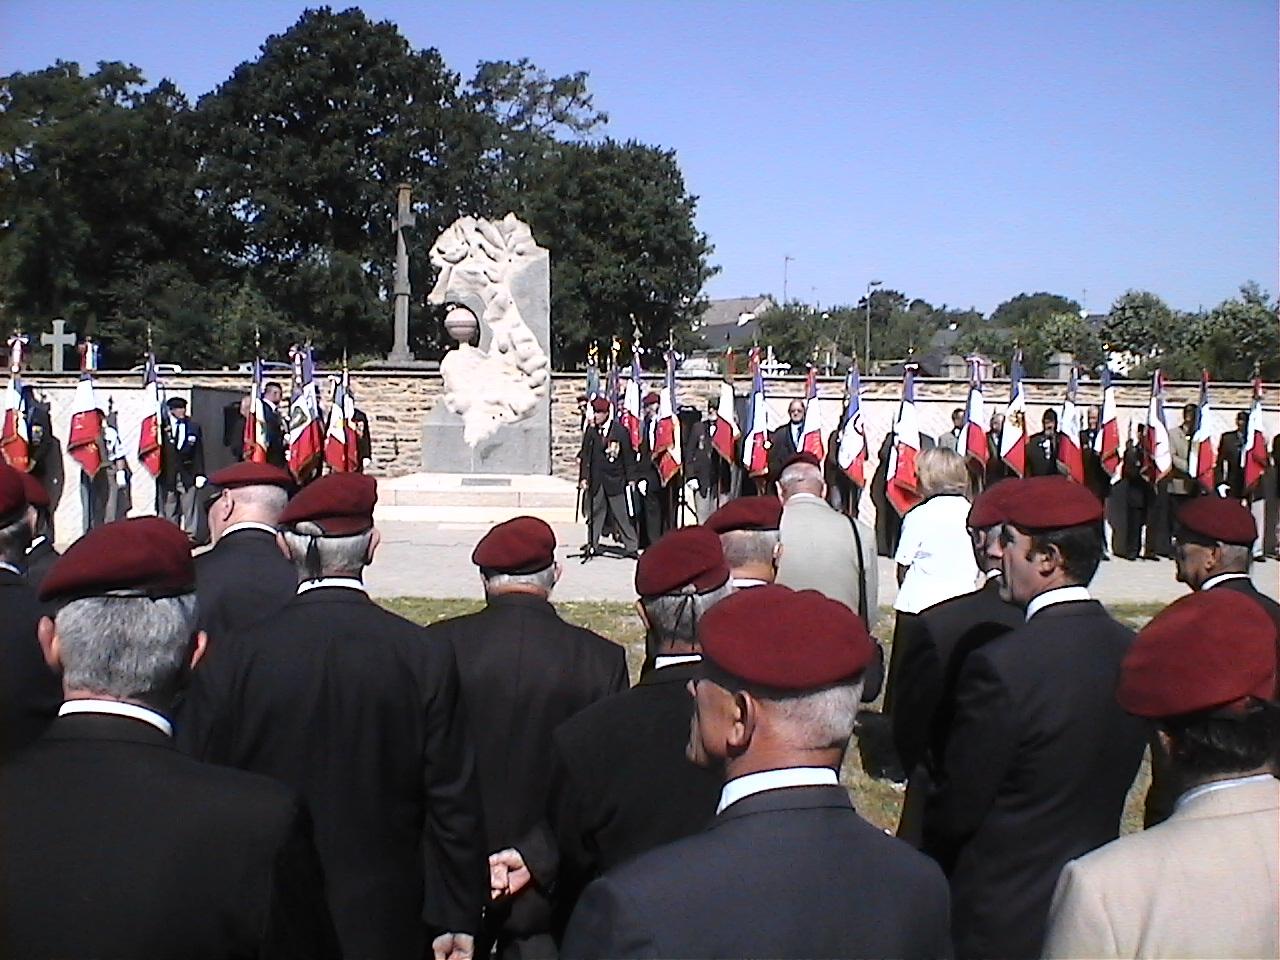 Cérémonie en hommage au Général BIGEARD au mémorial de Lauzach (56) 588699DVC02500